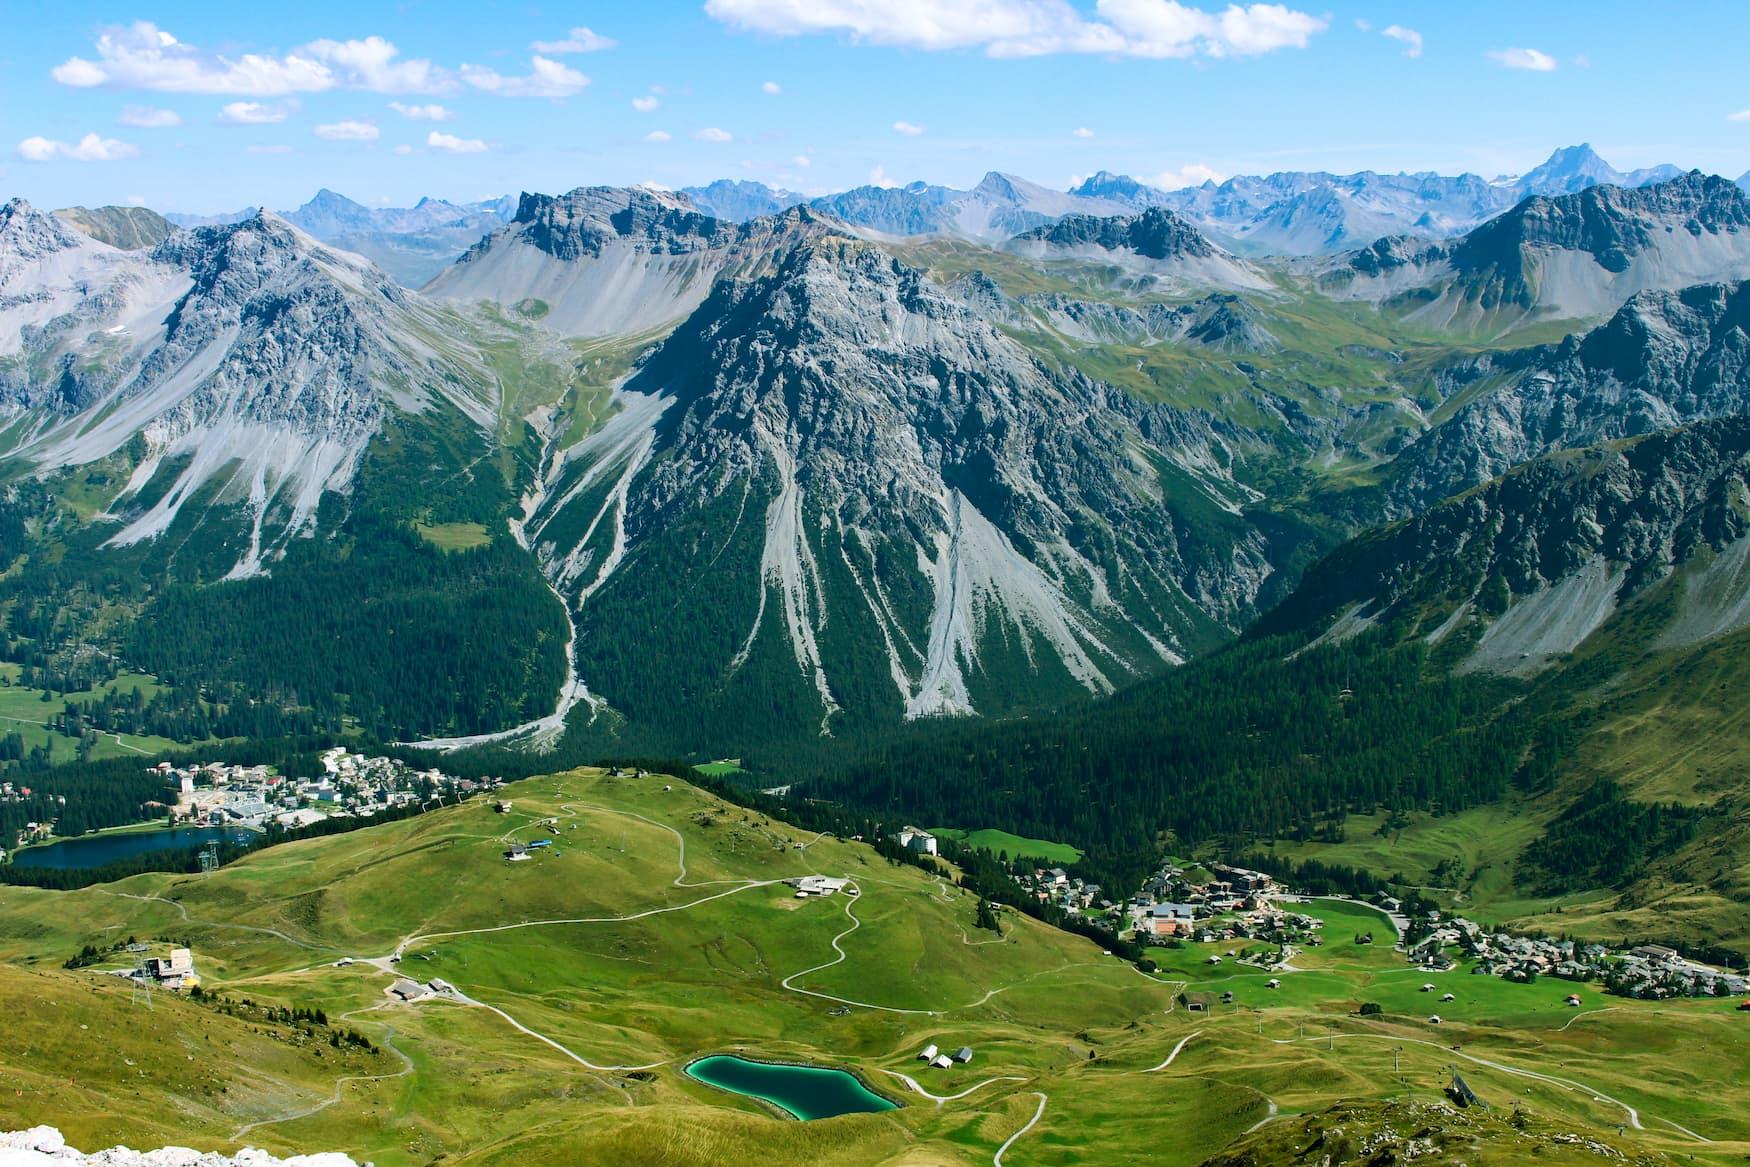 Alpen nahe Arosa mit Weisshorn im Hintergrund